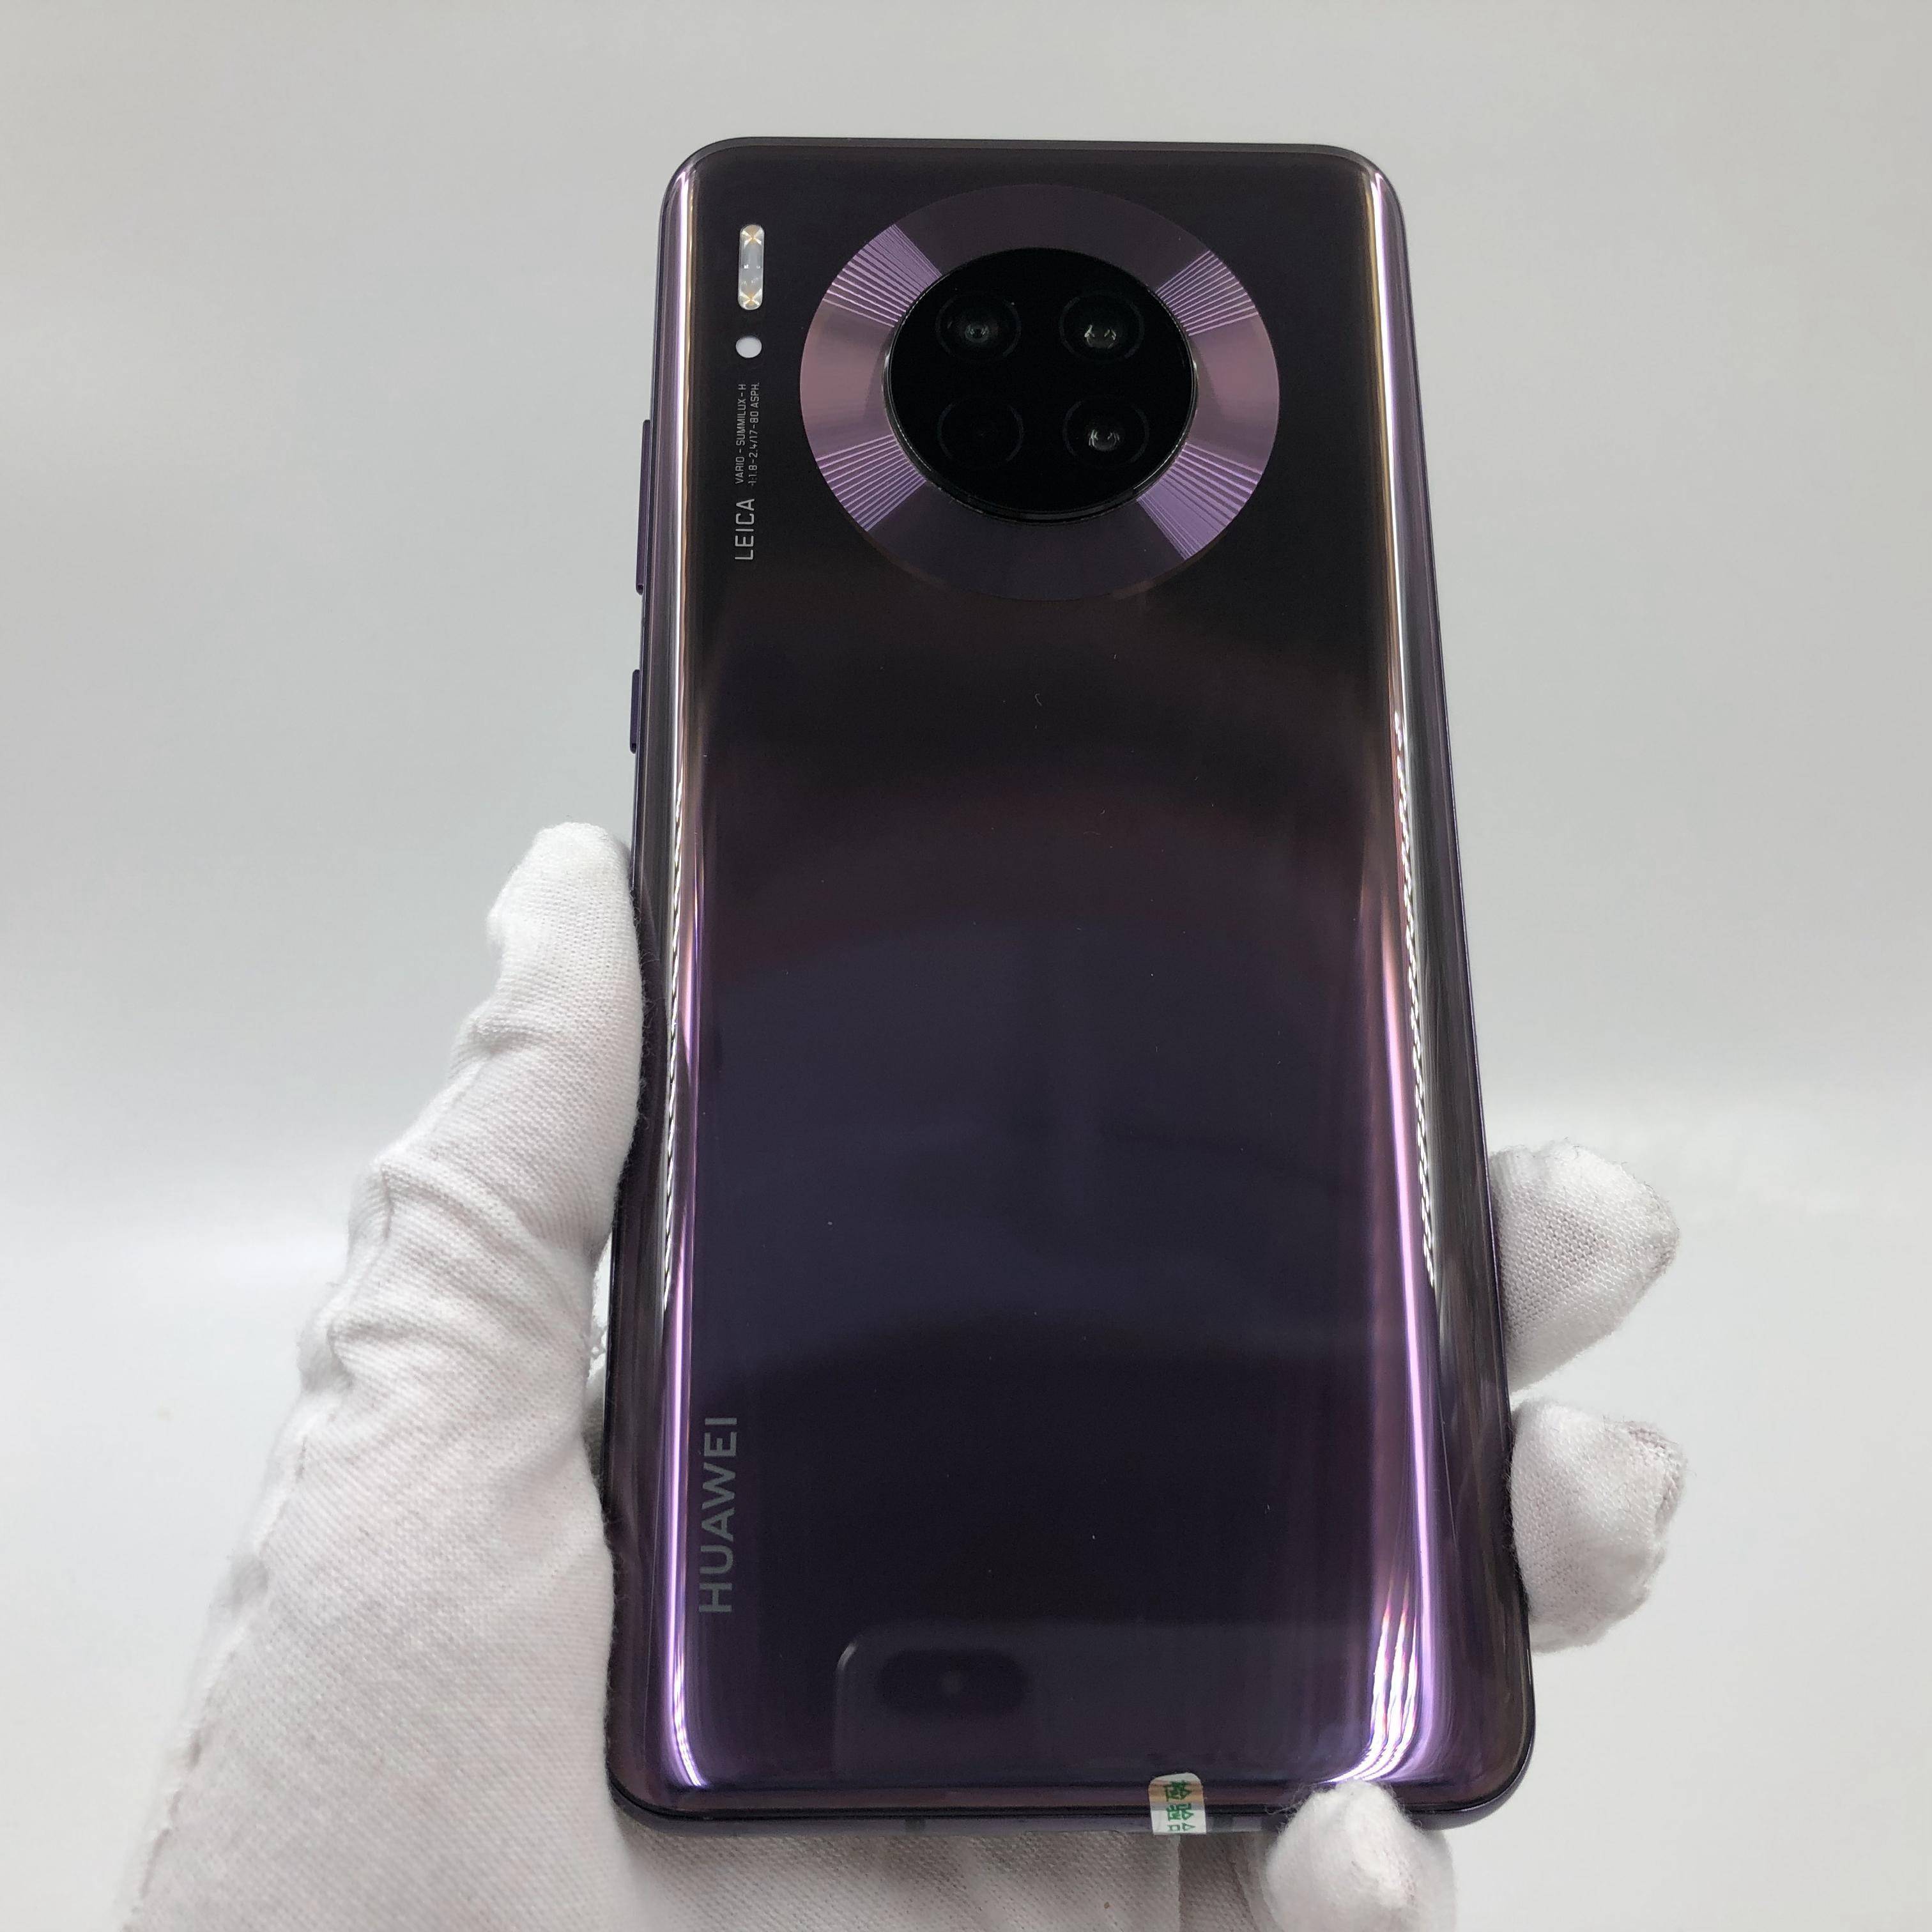 华为【Mate 30】4G全网通 罗兰紫 8G/128G 国行 9成新 真机实拍